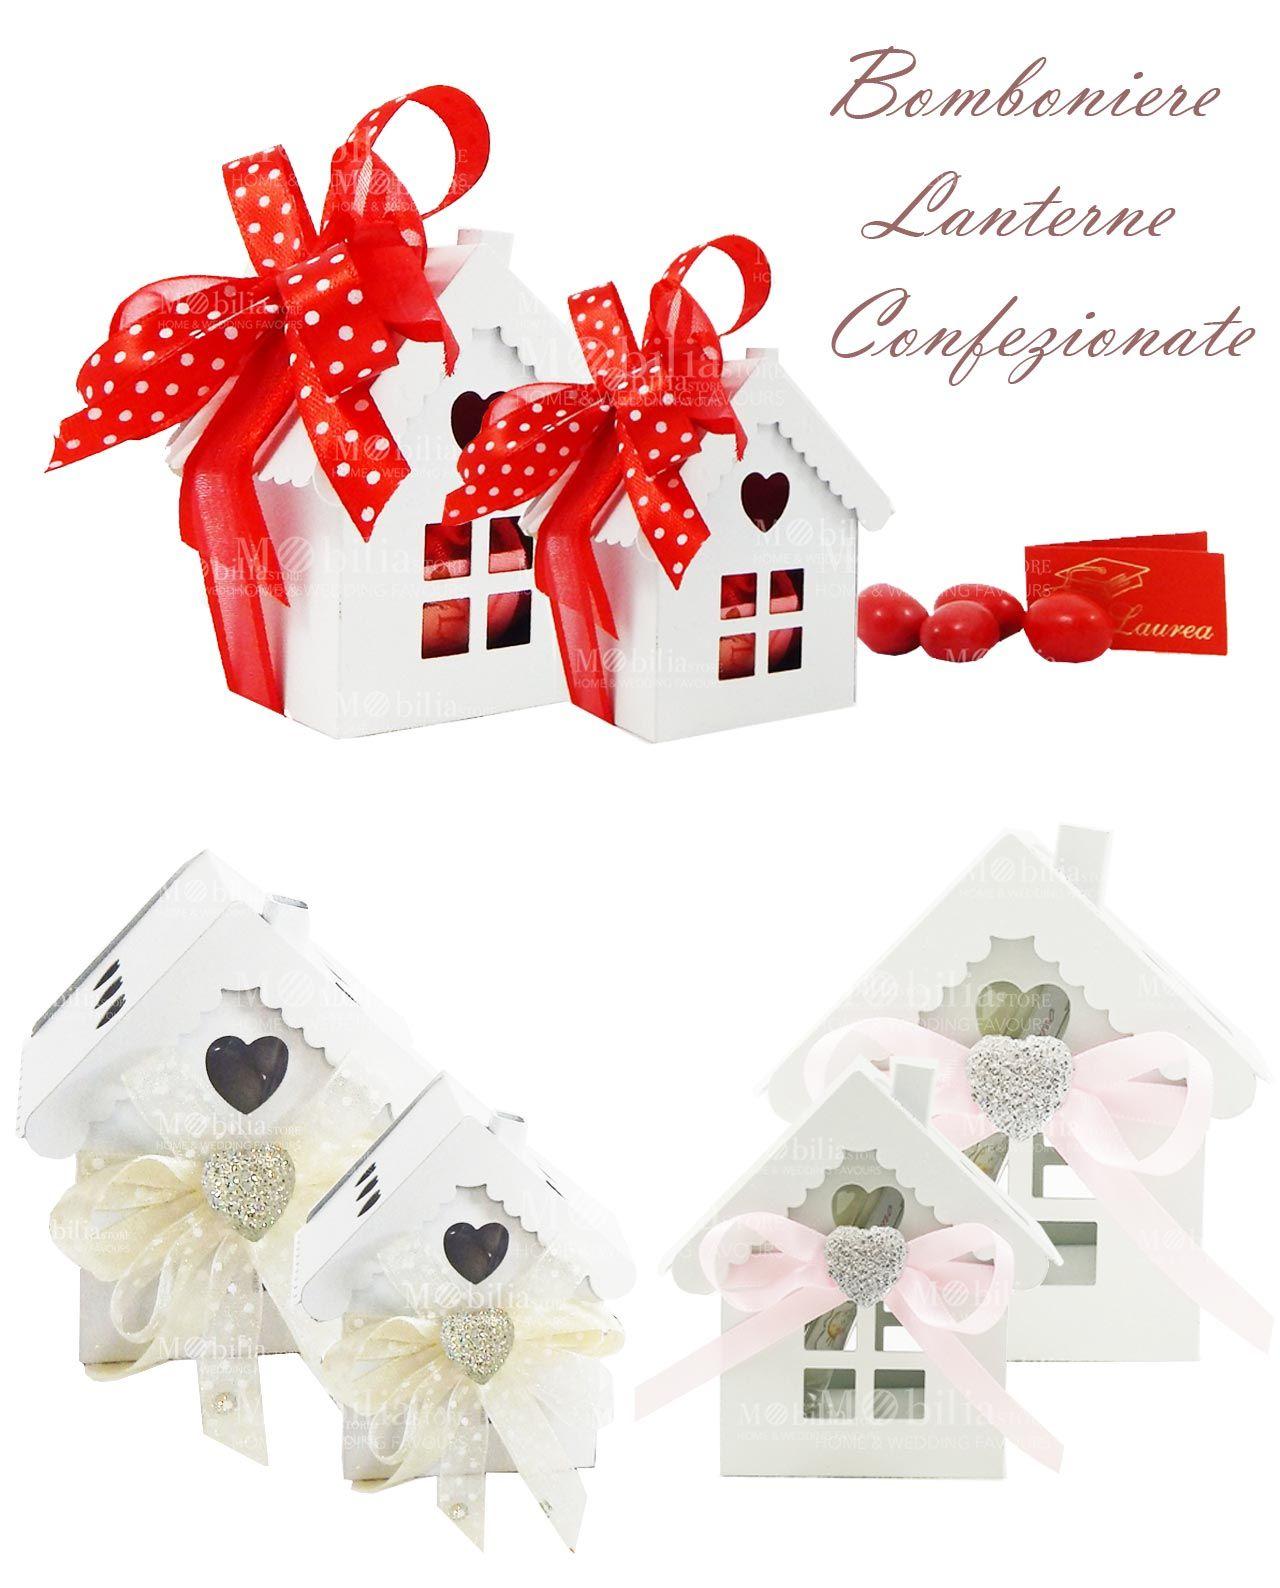 prezzo più basso miglior prezzo 100% di alta qualità In promozione. Lanterne Portaconfetti Bomboniera disponibili in ...